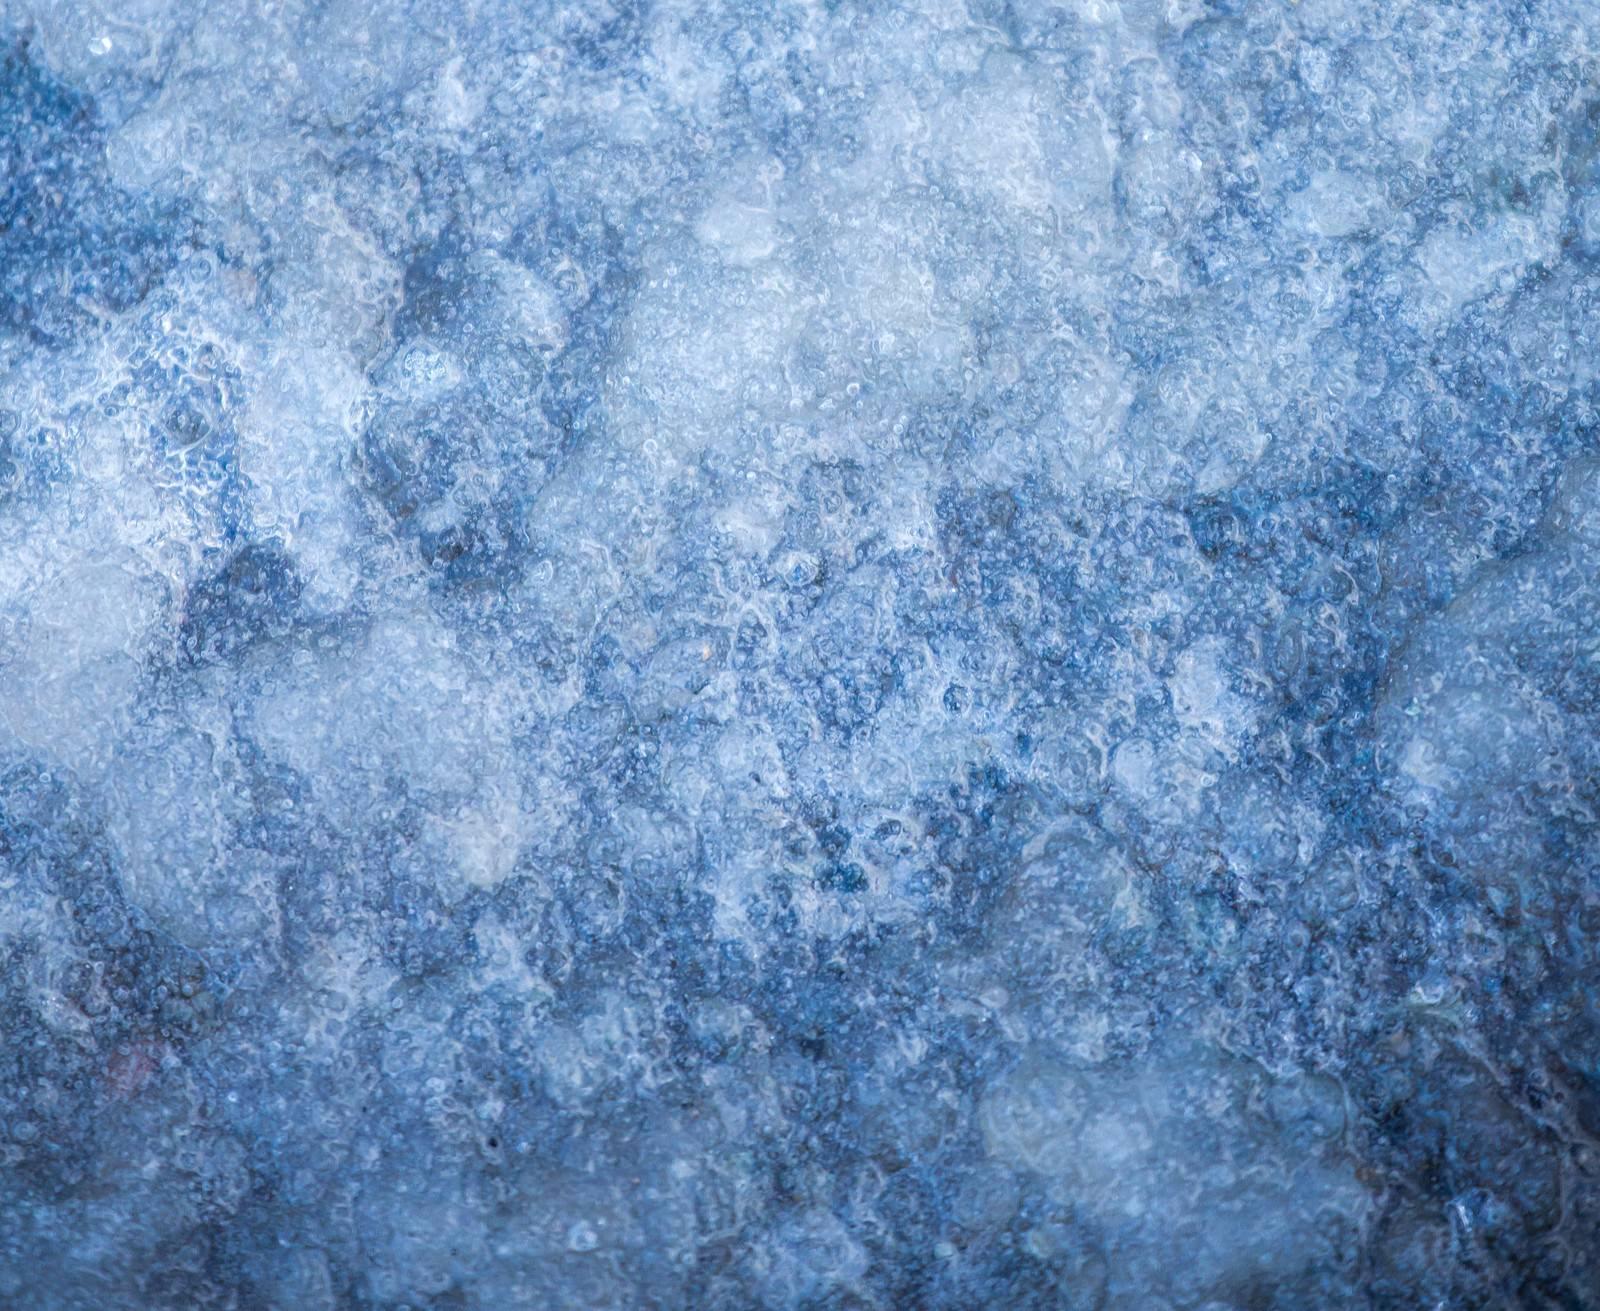 「凍った地面」の写真